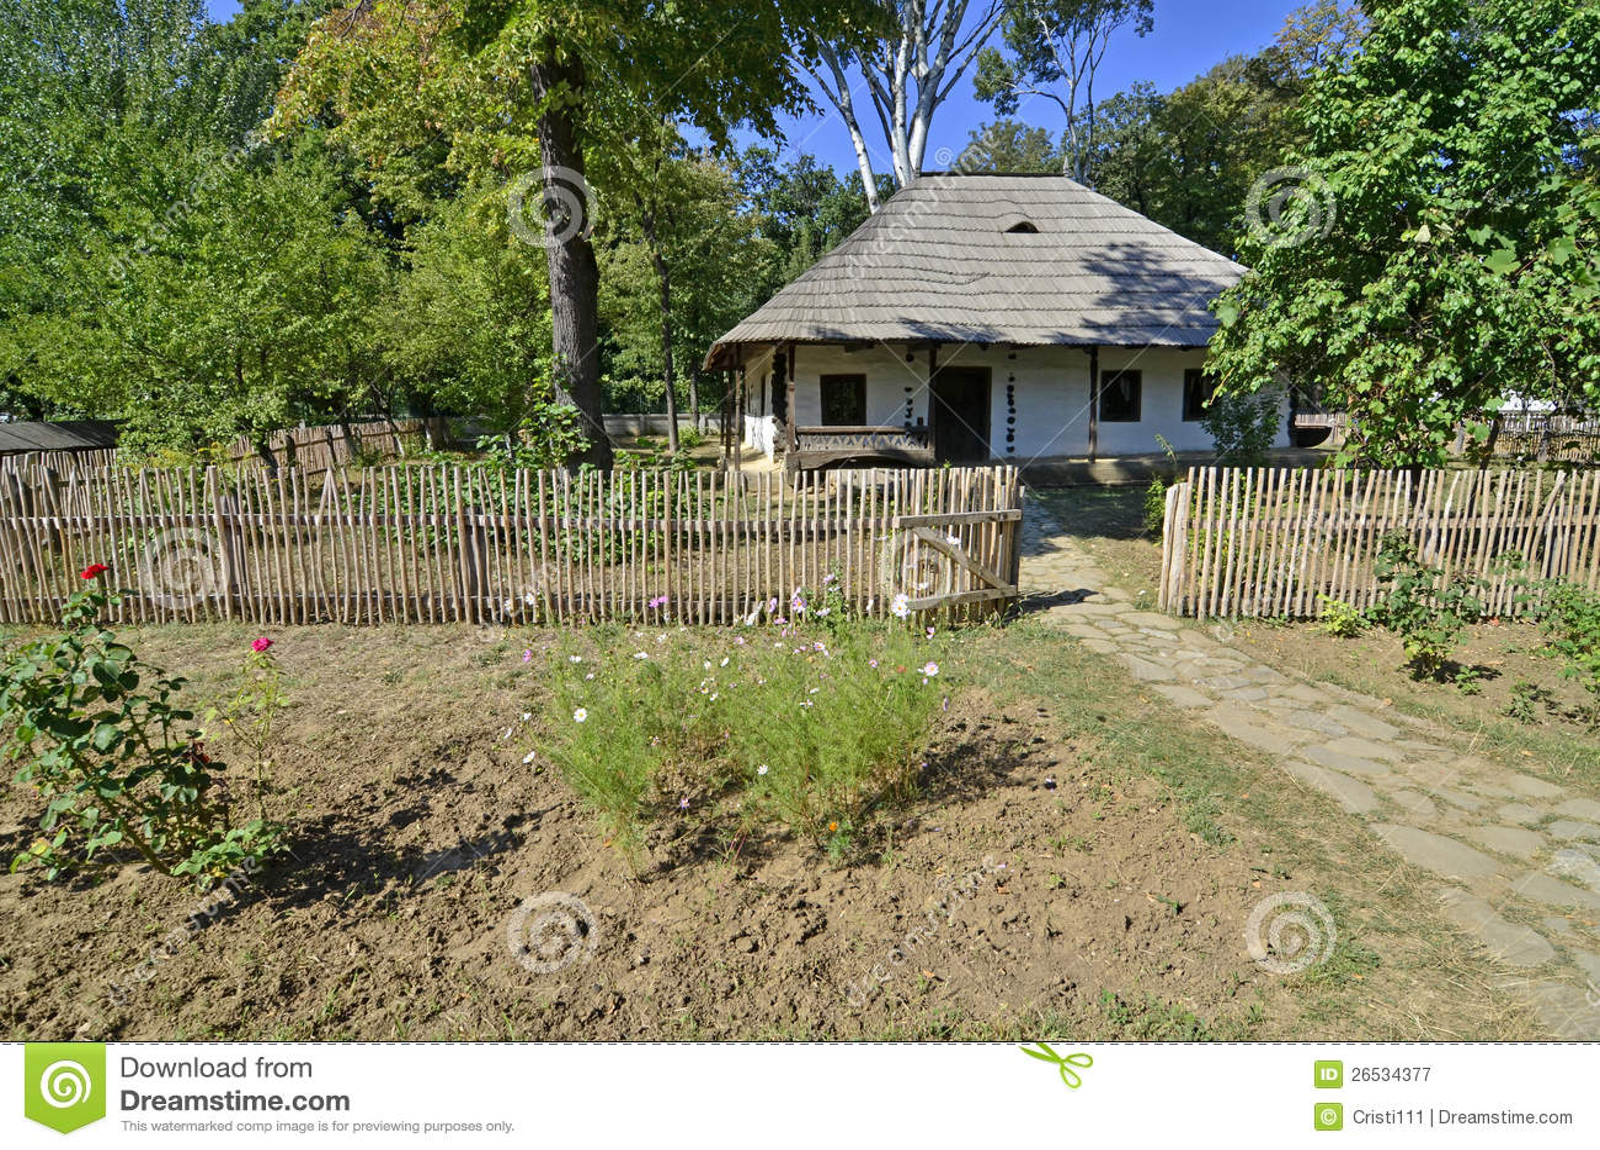 Wall fence garden